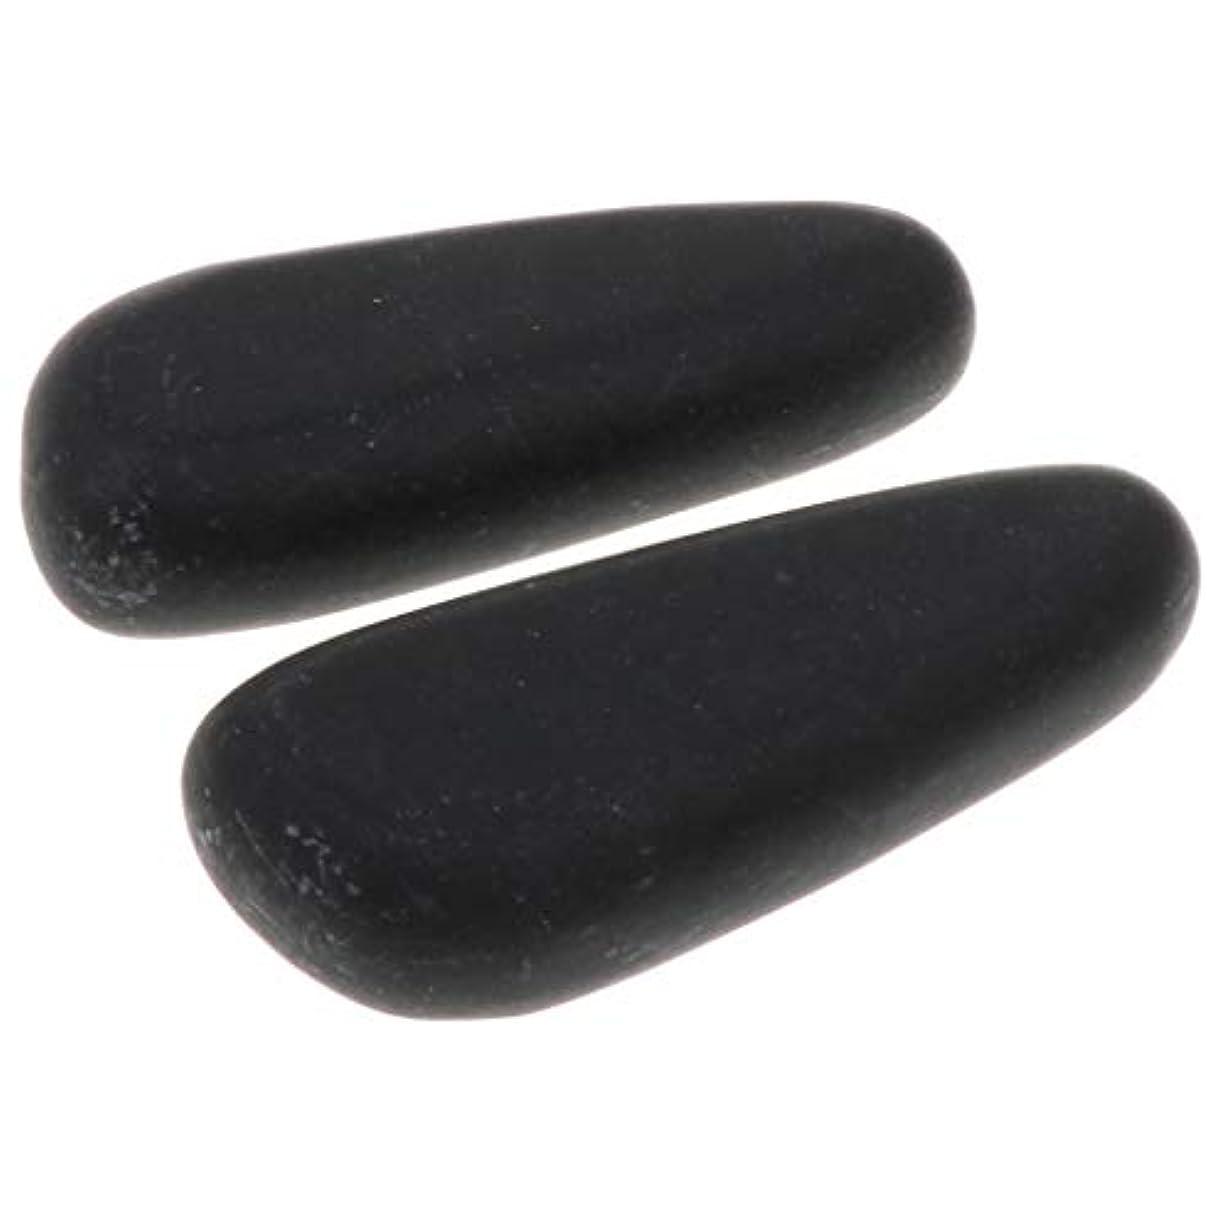 クラフトサーマル優先Fenteer 全2サイズ ホットストーン マッサージ石 マッサージストーン 玄武岩 ボディマッサージ スパ 2個入 - 8×3.2×2cm